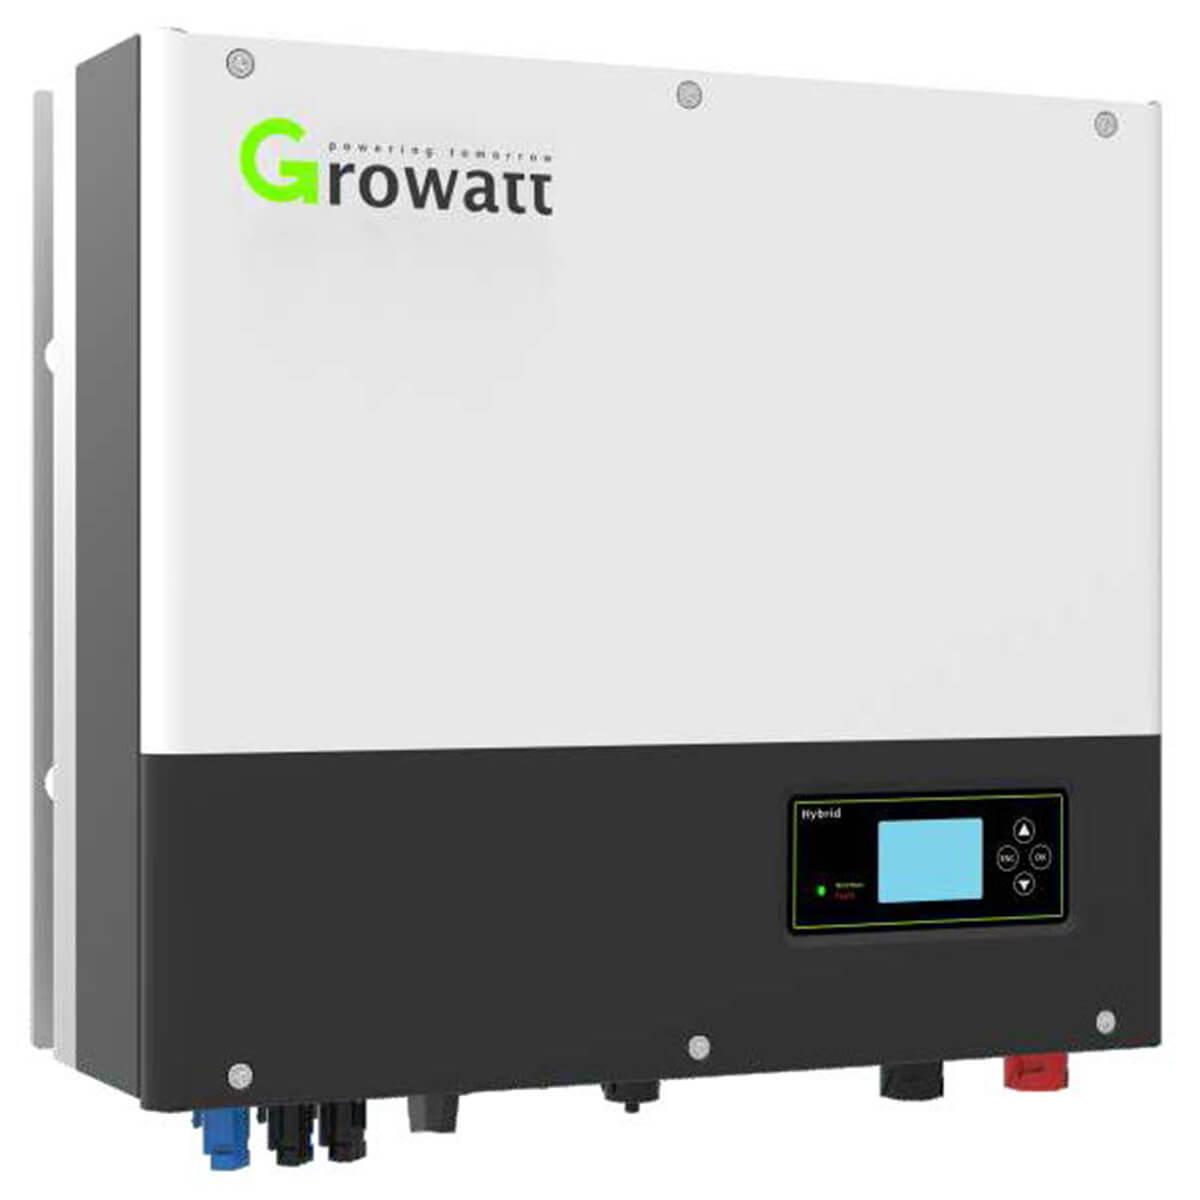 growatt 5000W hibrit inverter, growatt sph 5000W hibrit inverter, growatt sph 5000tl3 bh hibrit inverter, growatt sph 5000tl3 bh, growatt sph 5000 W, GROWATT 5kW